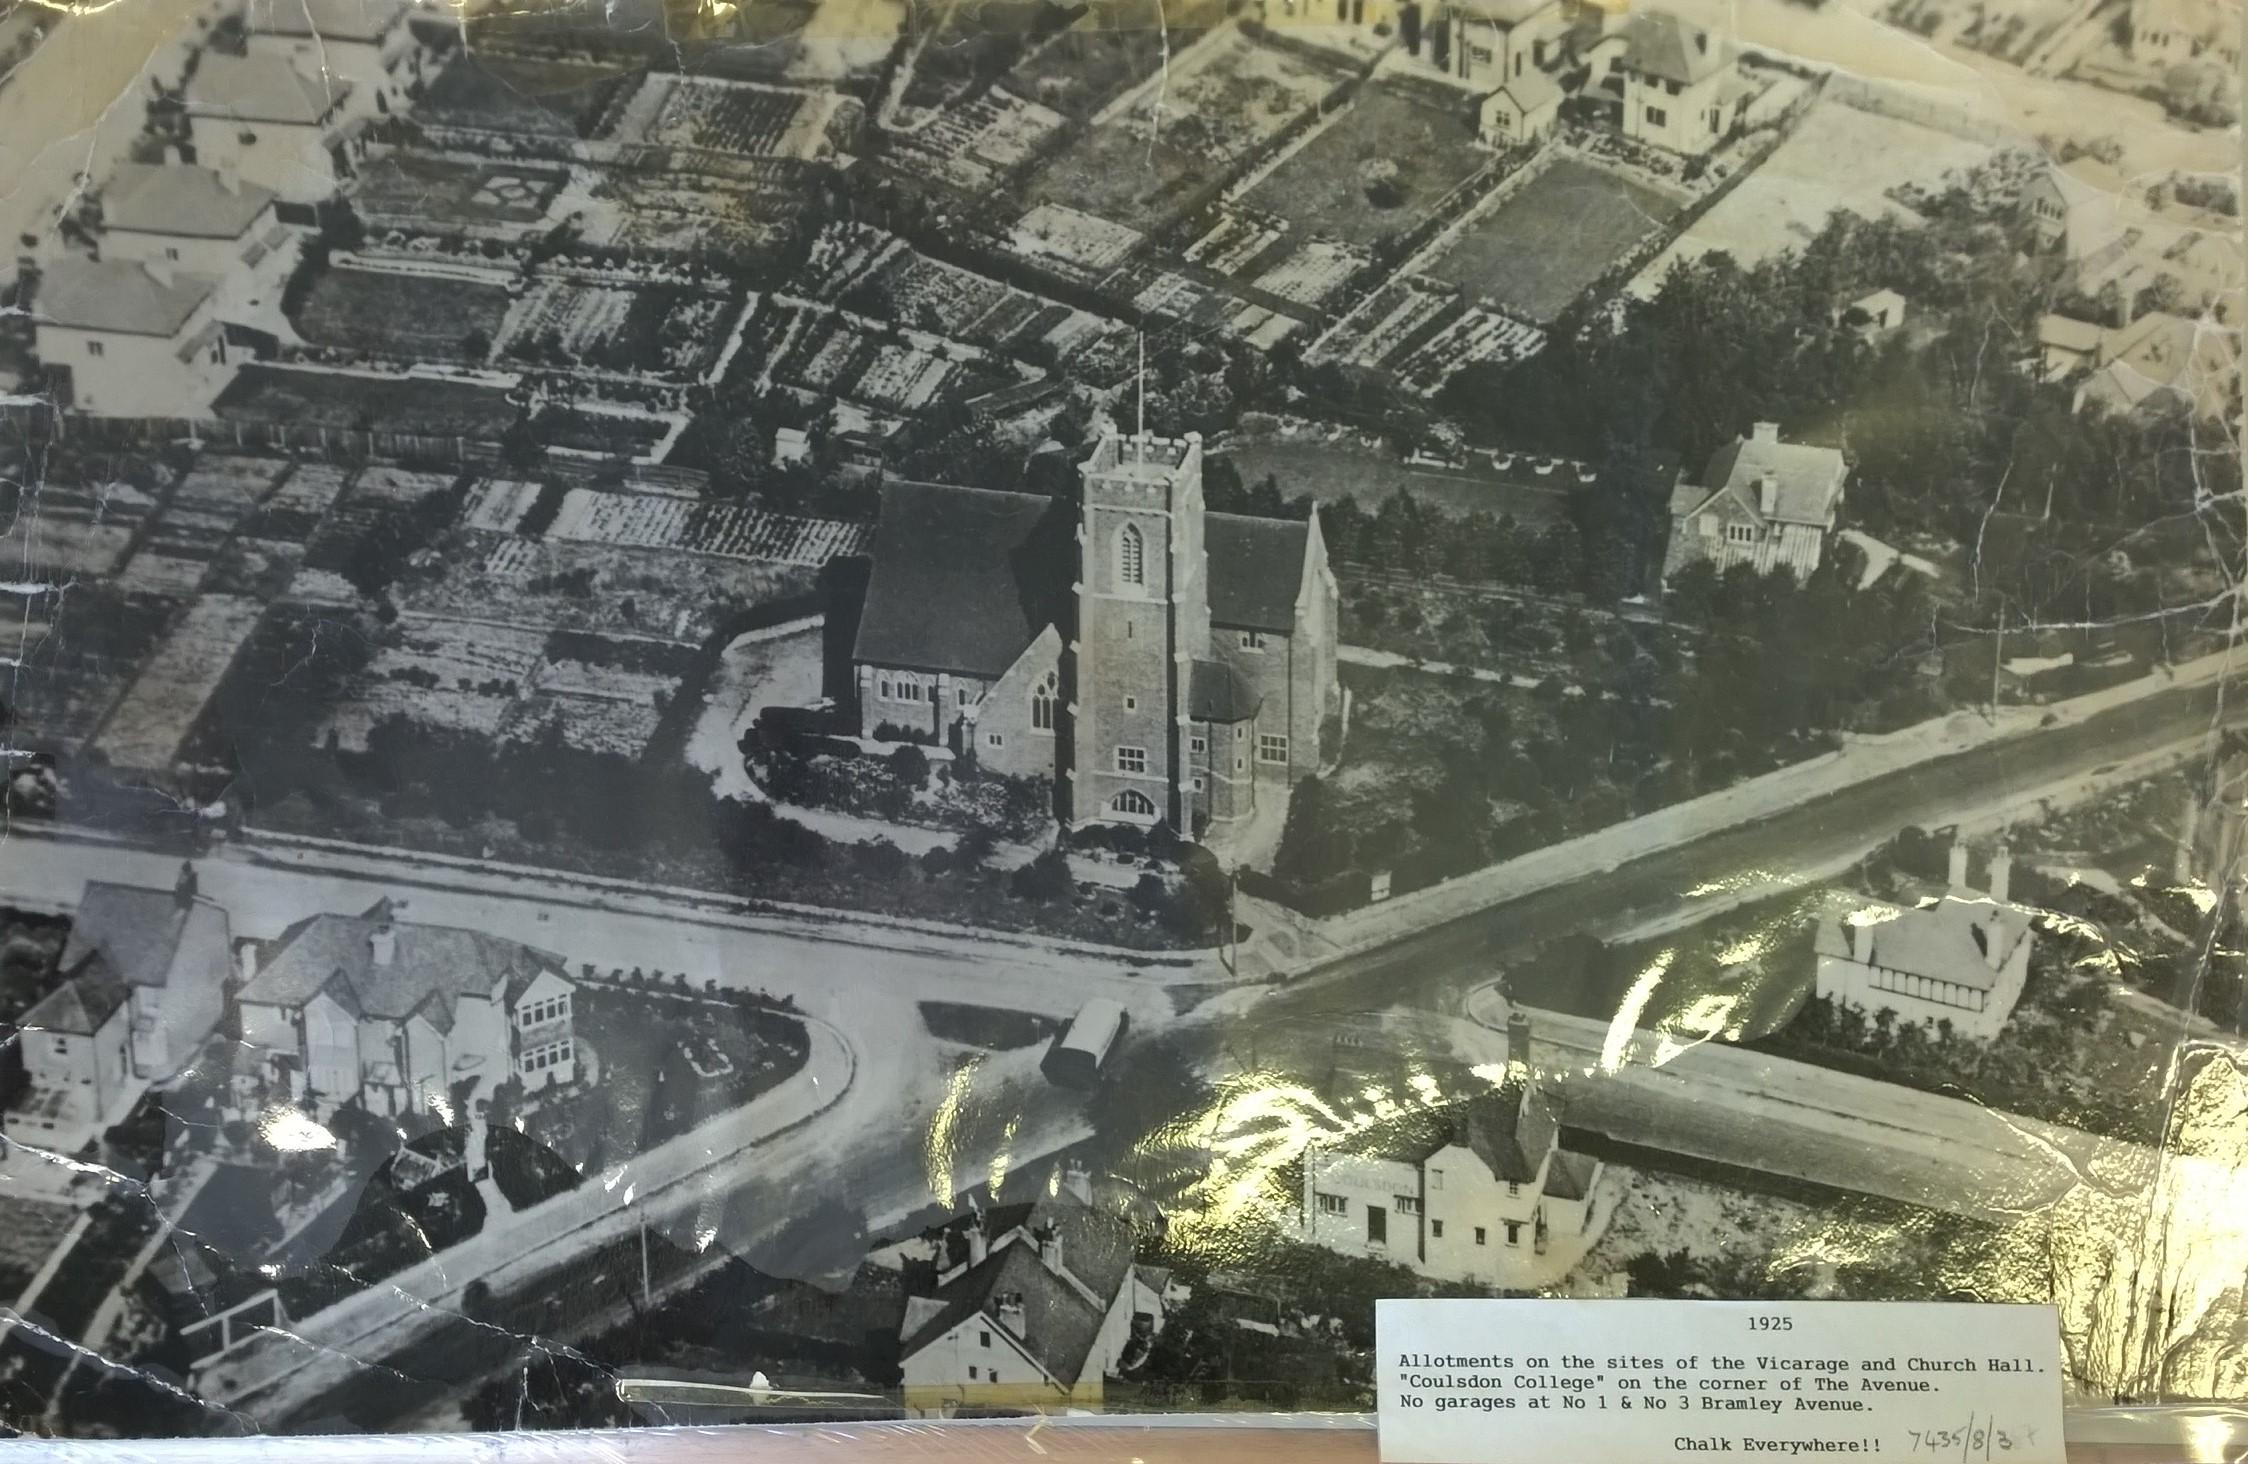 1925 Ariel view of church